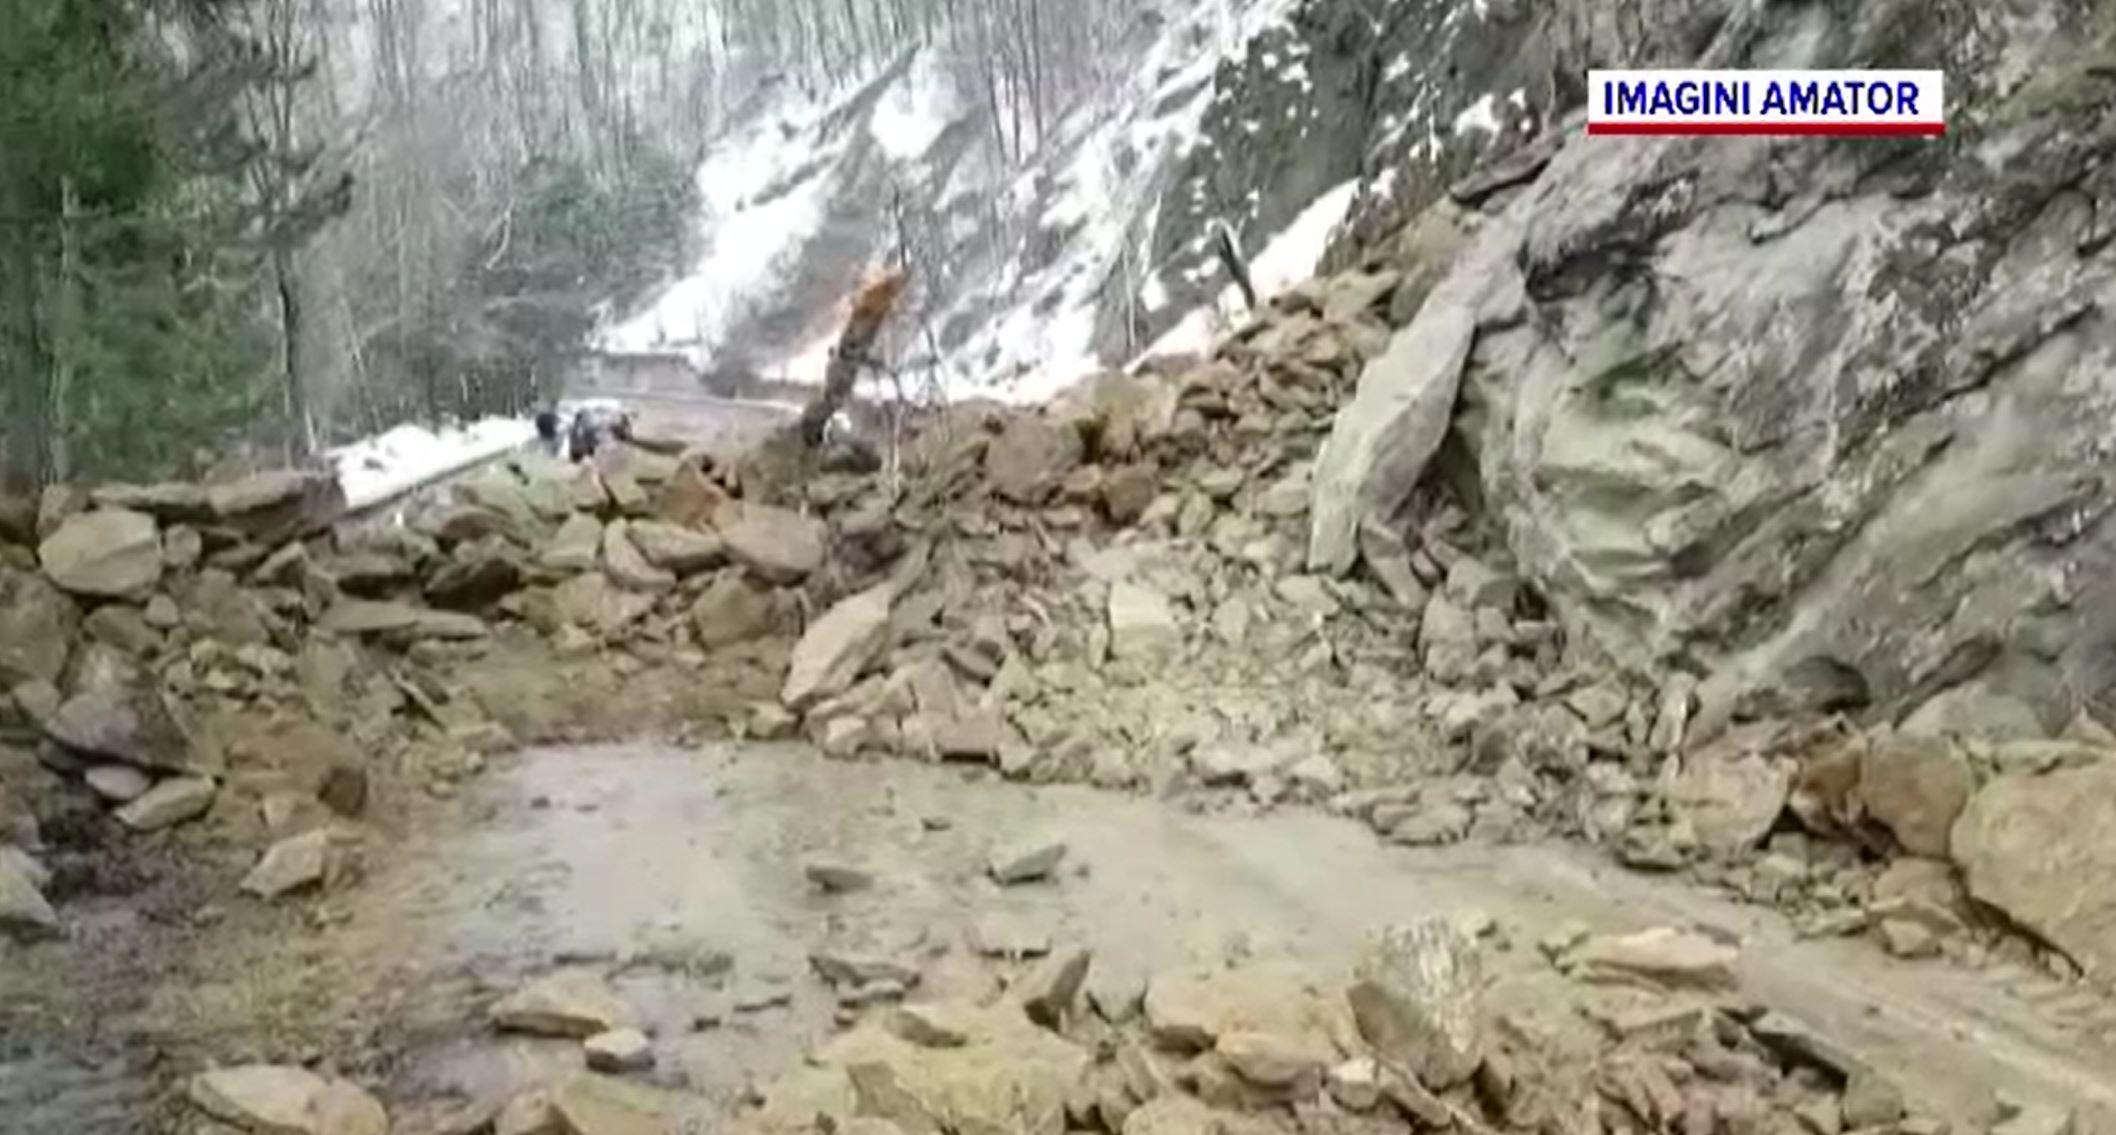 DN10, blocat după ce mai multe stânci s-au prăbușit pe carosabil. Se recomandă rute ocolitoare